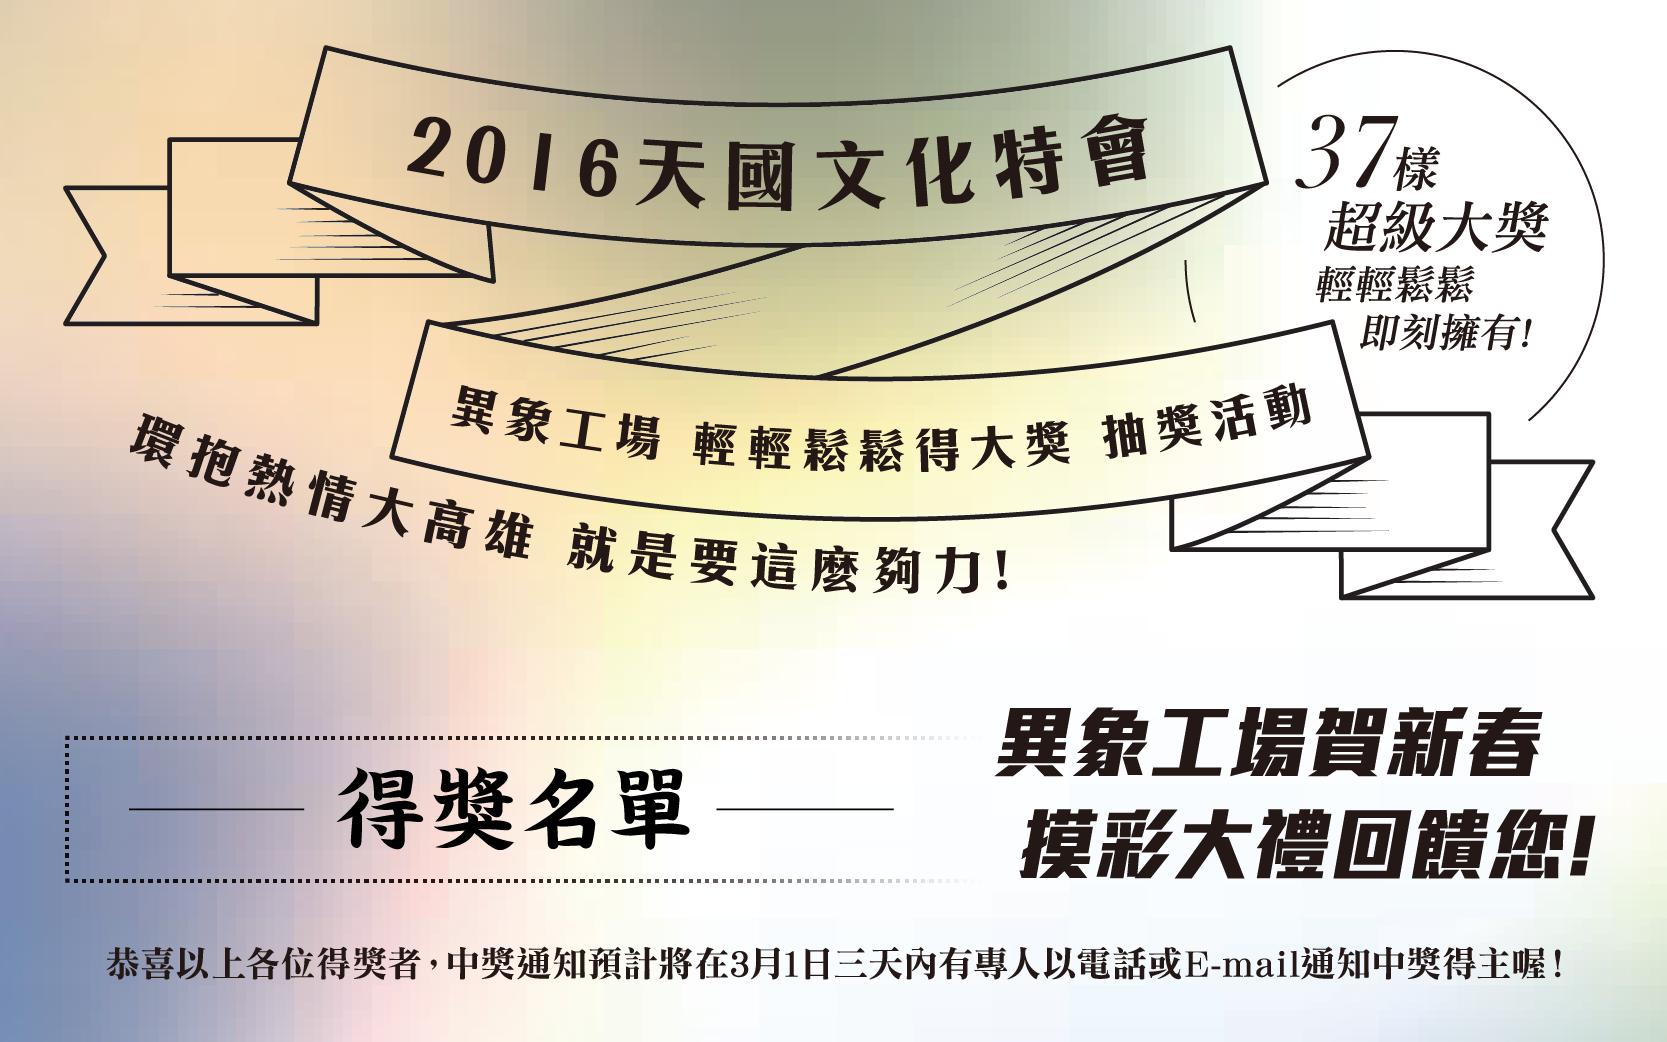 2016天國文化特會 異象工場抽獎活動 得獎名單公布